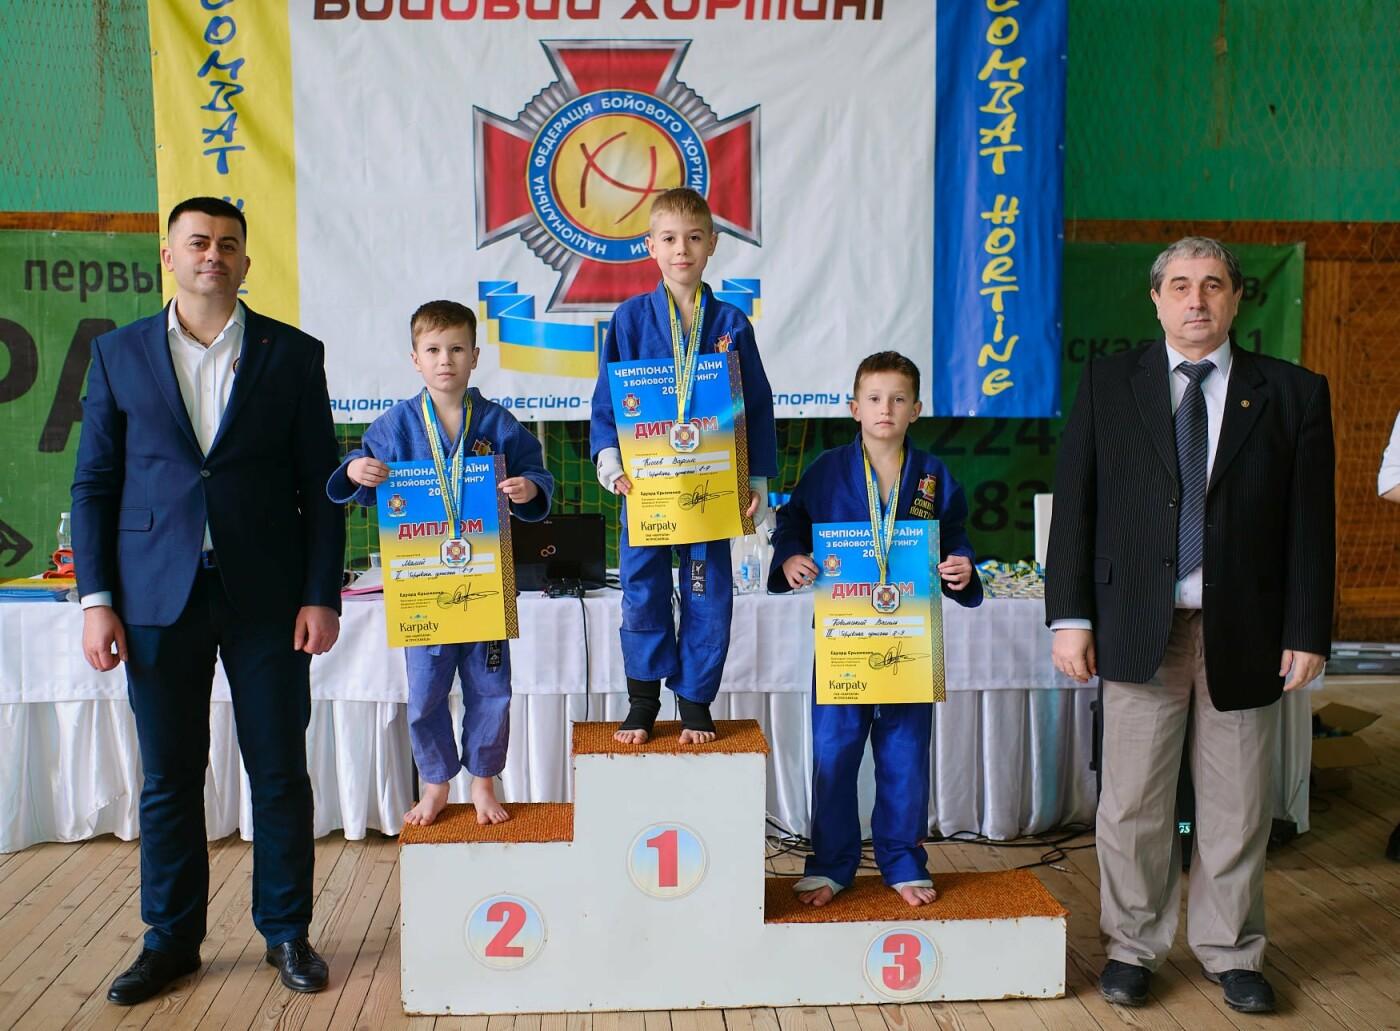 Бердянские спортсмены привезли 36 медалей с Чемпионата Украины по боевому хортингу (ФОТО), фото-4